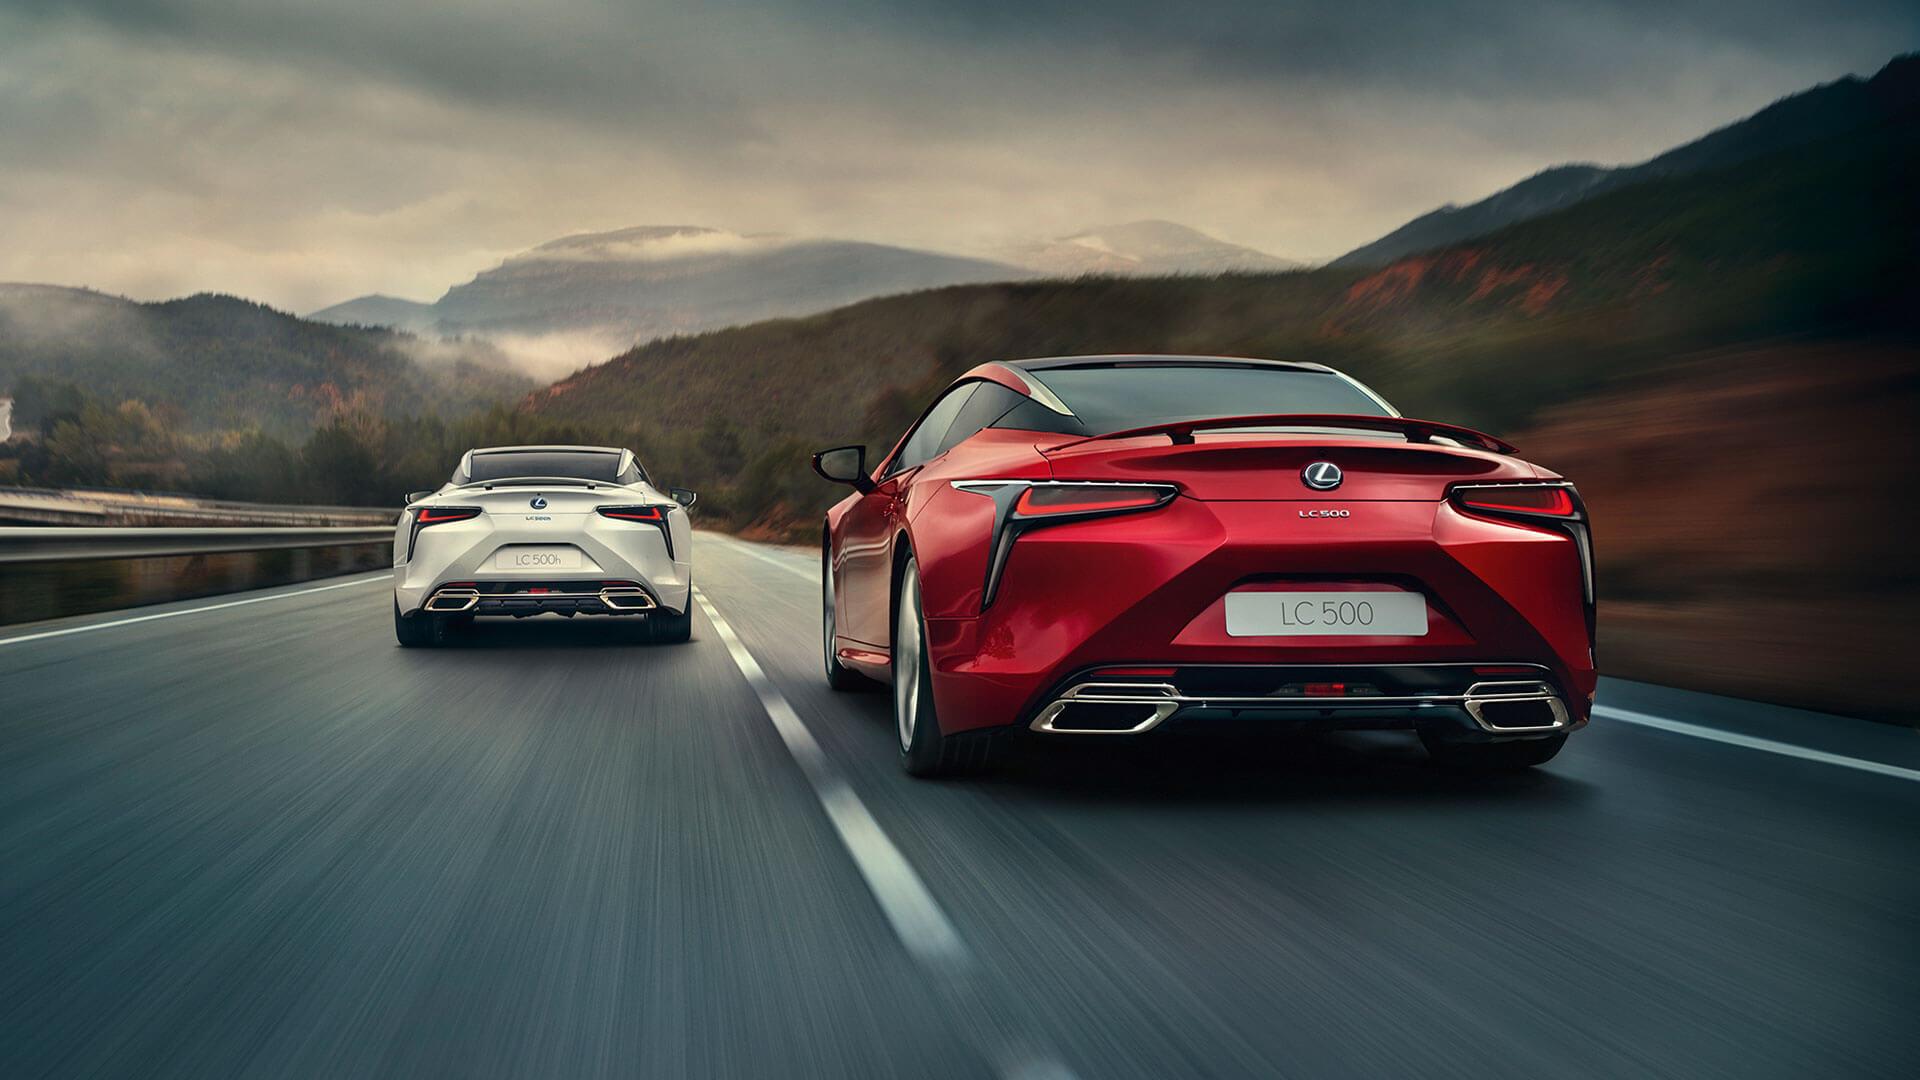 Lexus LC Луксозно Спортно Купе | Lexus Europe